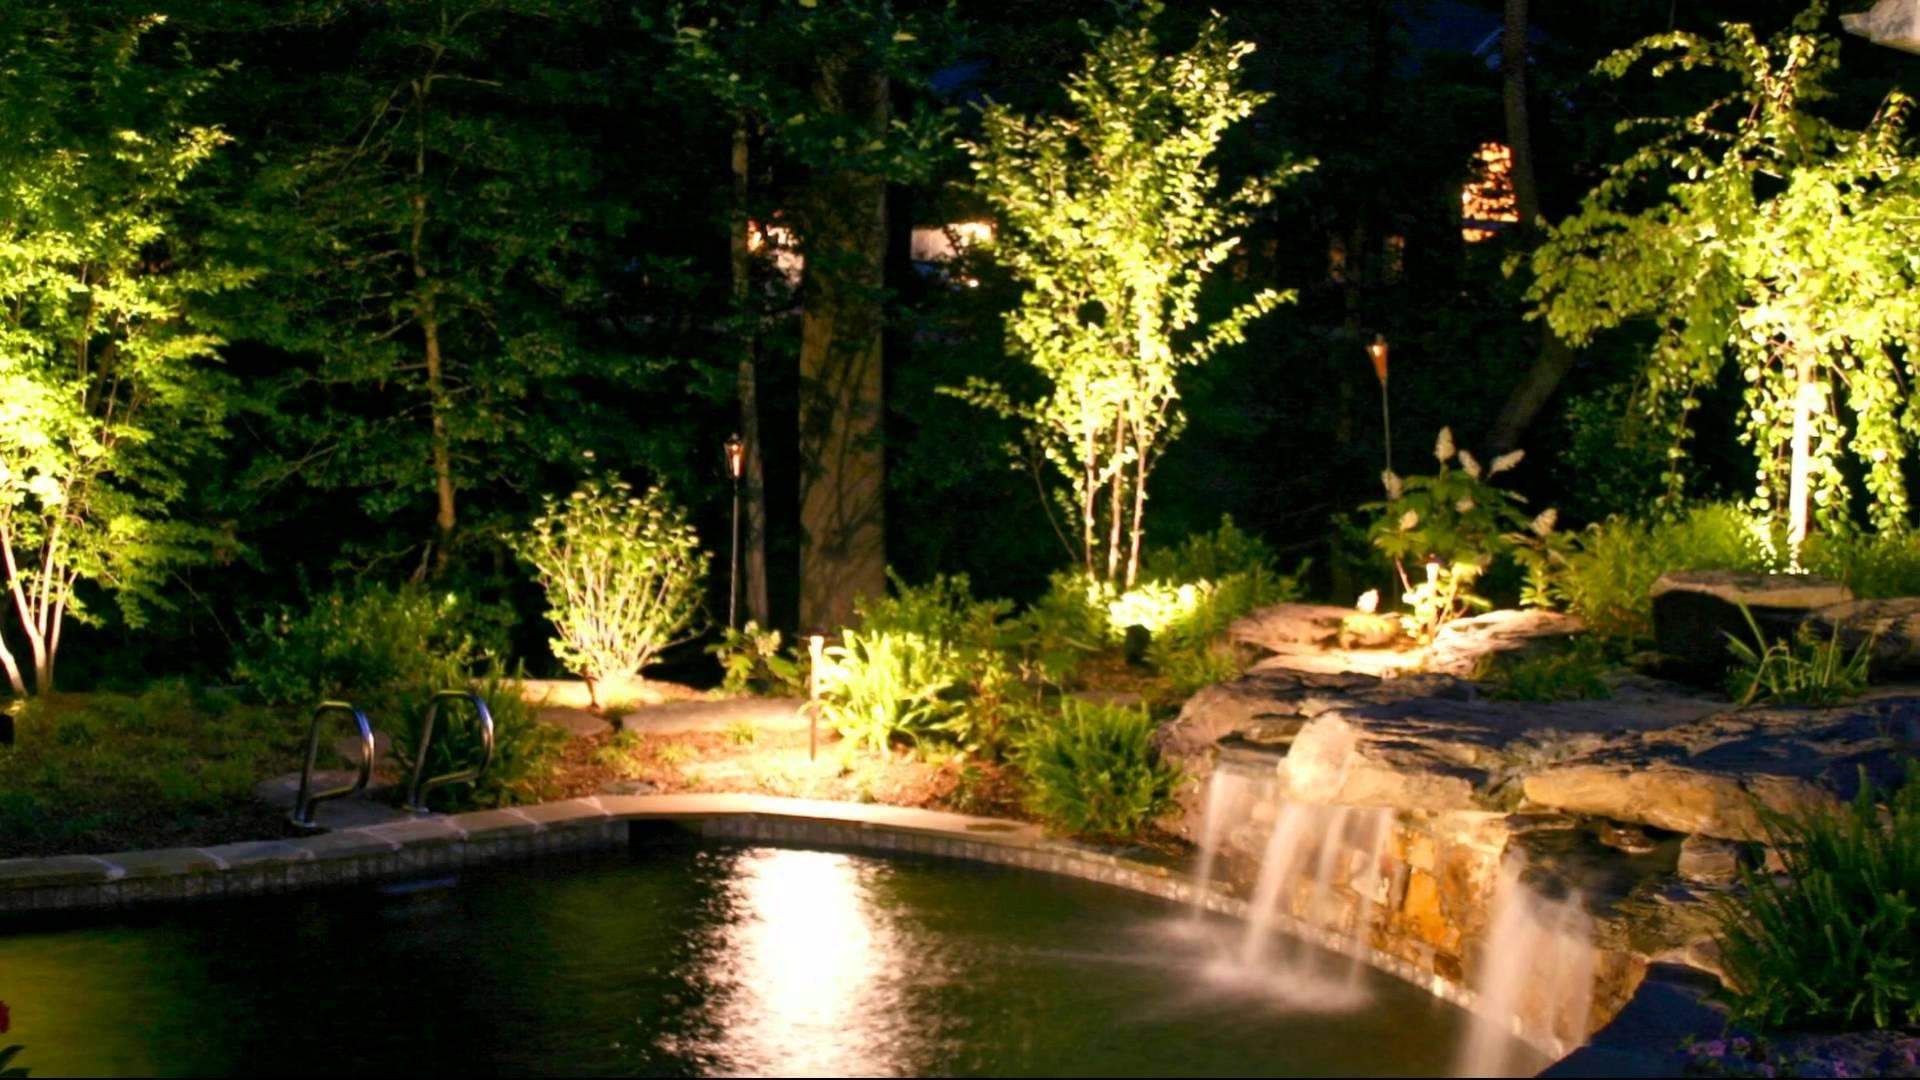 stunning outdoor lighting ideas - youtube LKFQMPP